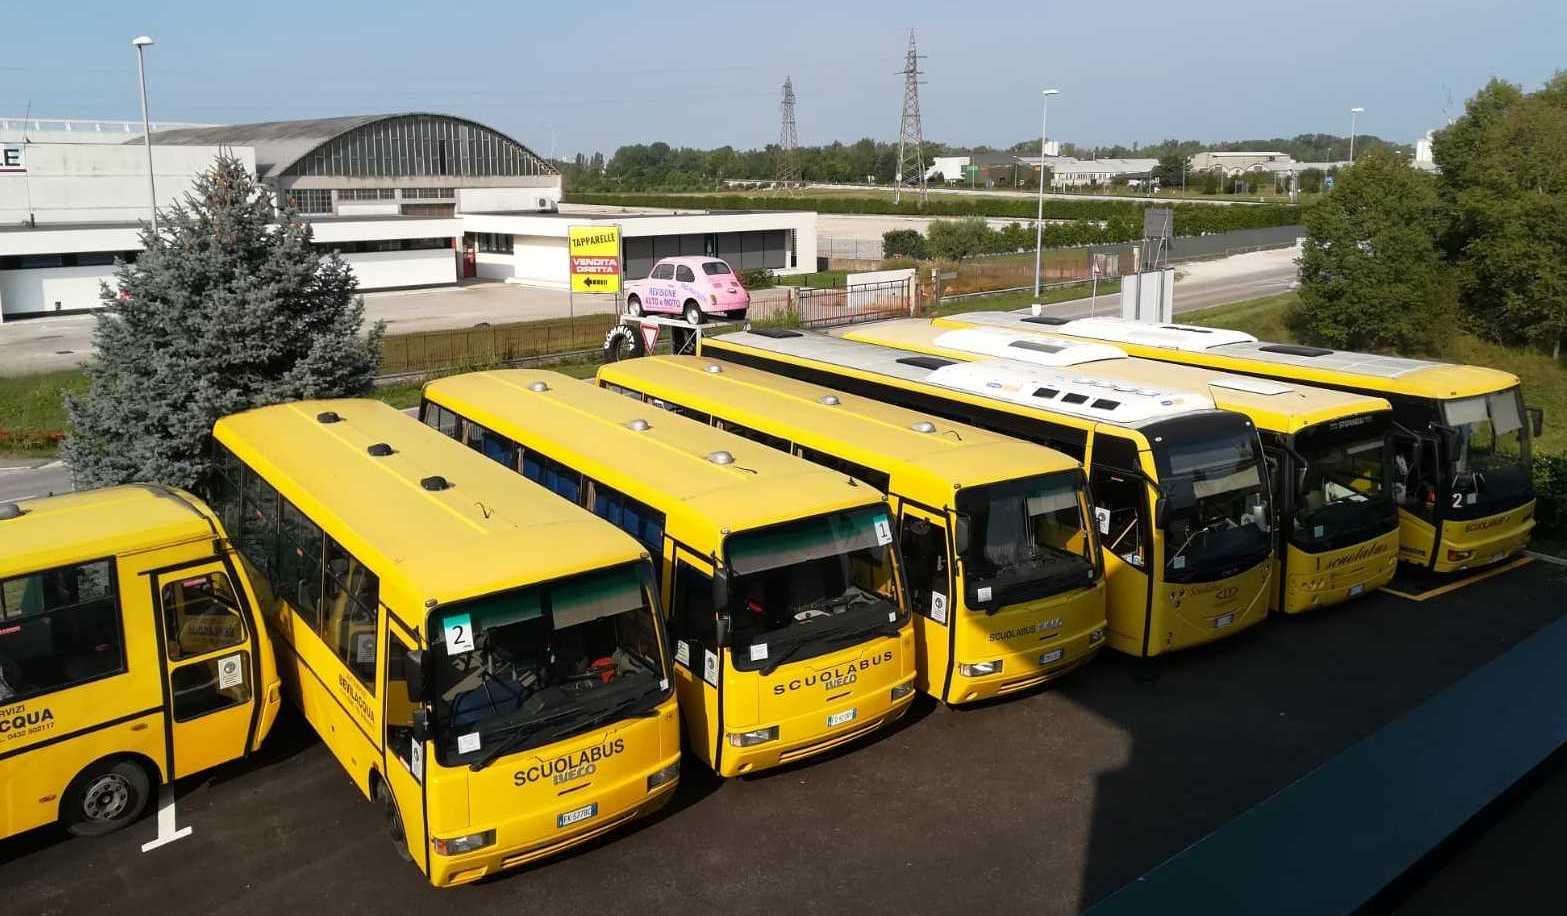 Servizio scuolabus servizio scolastico